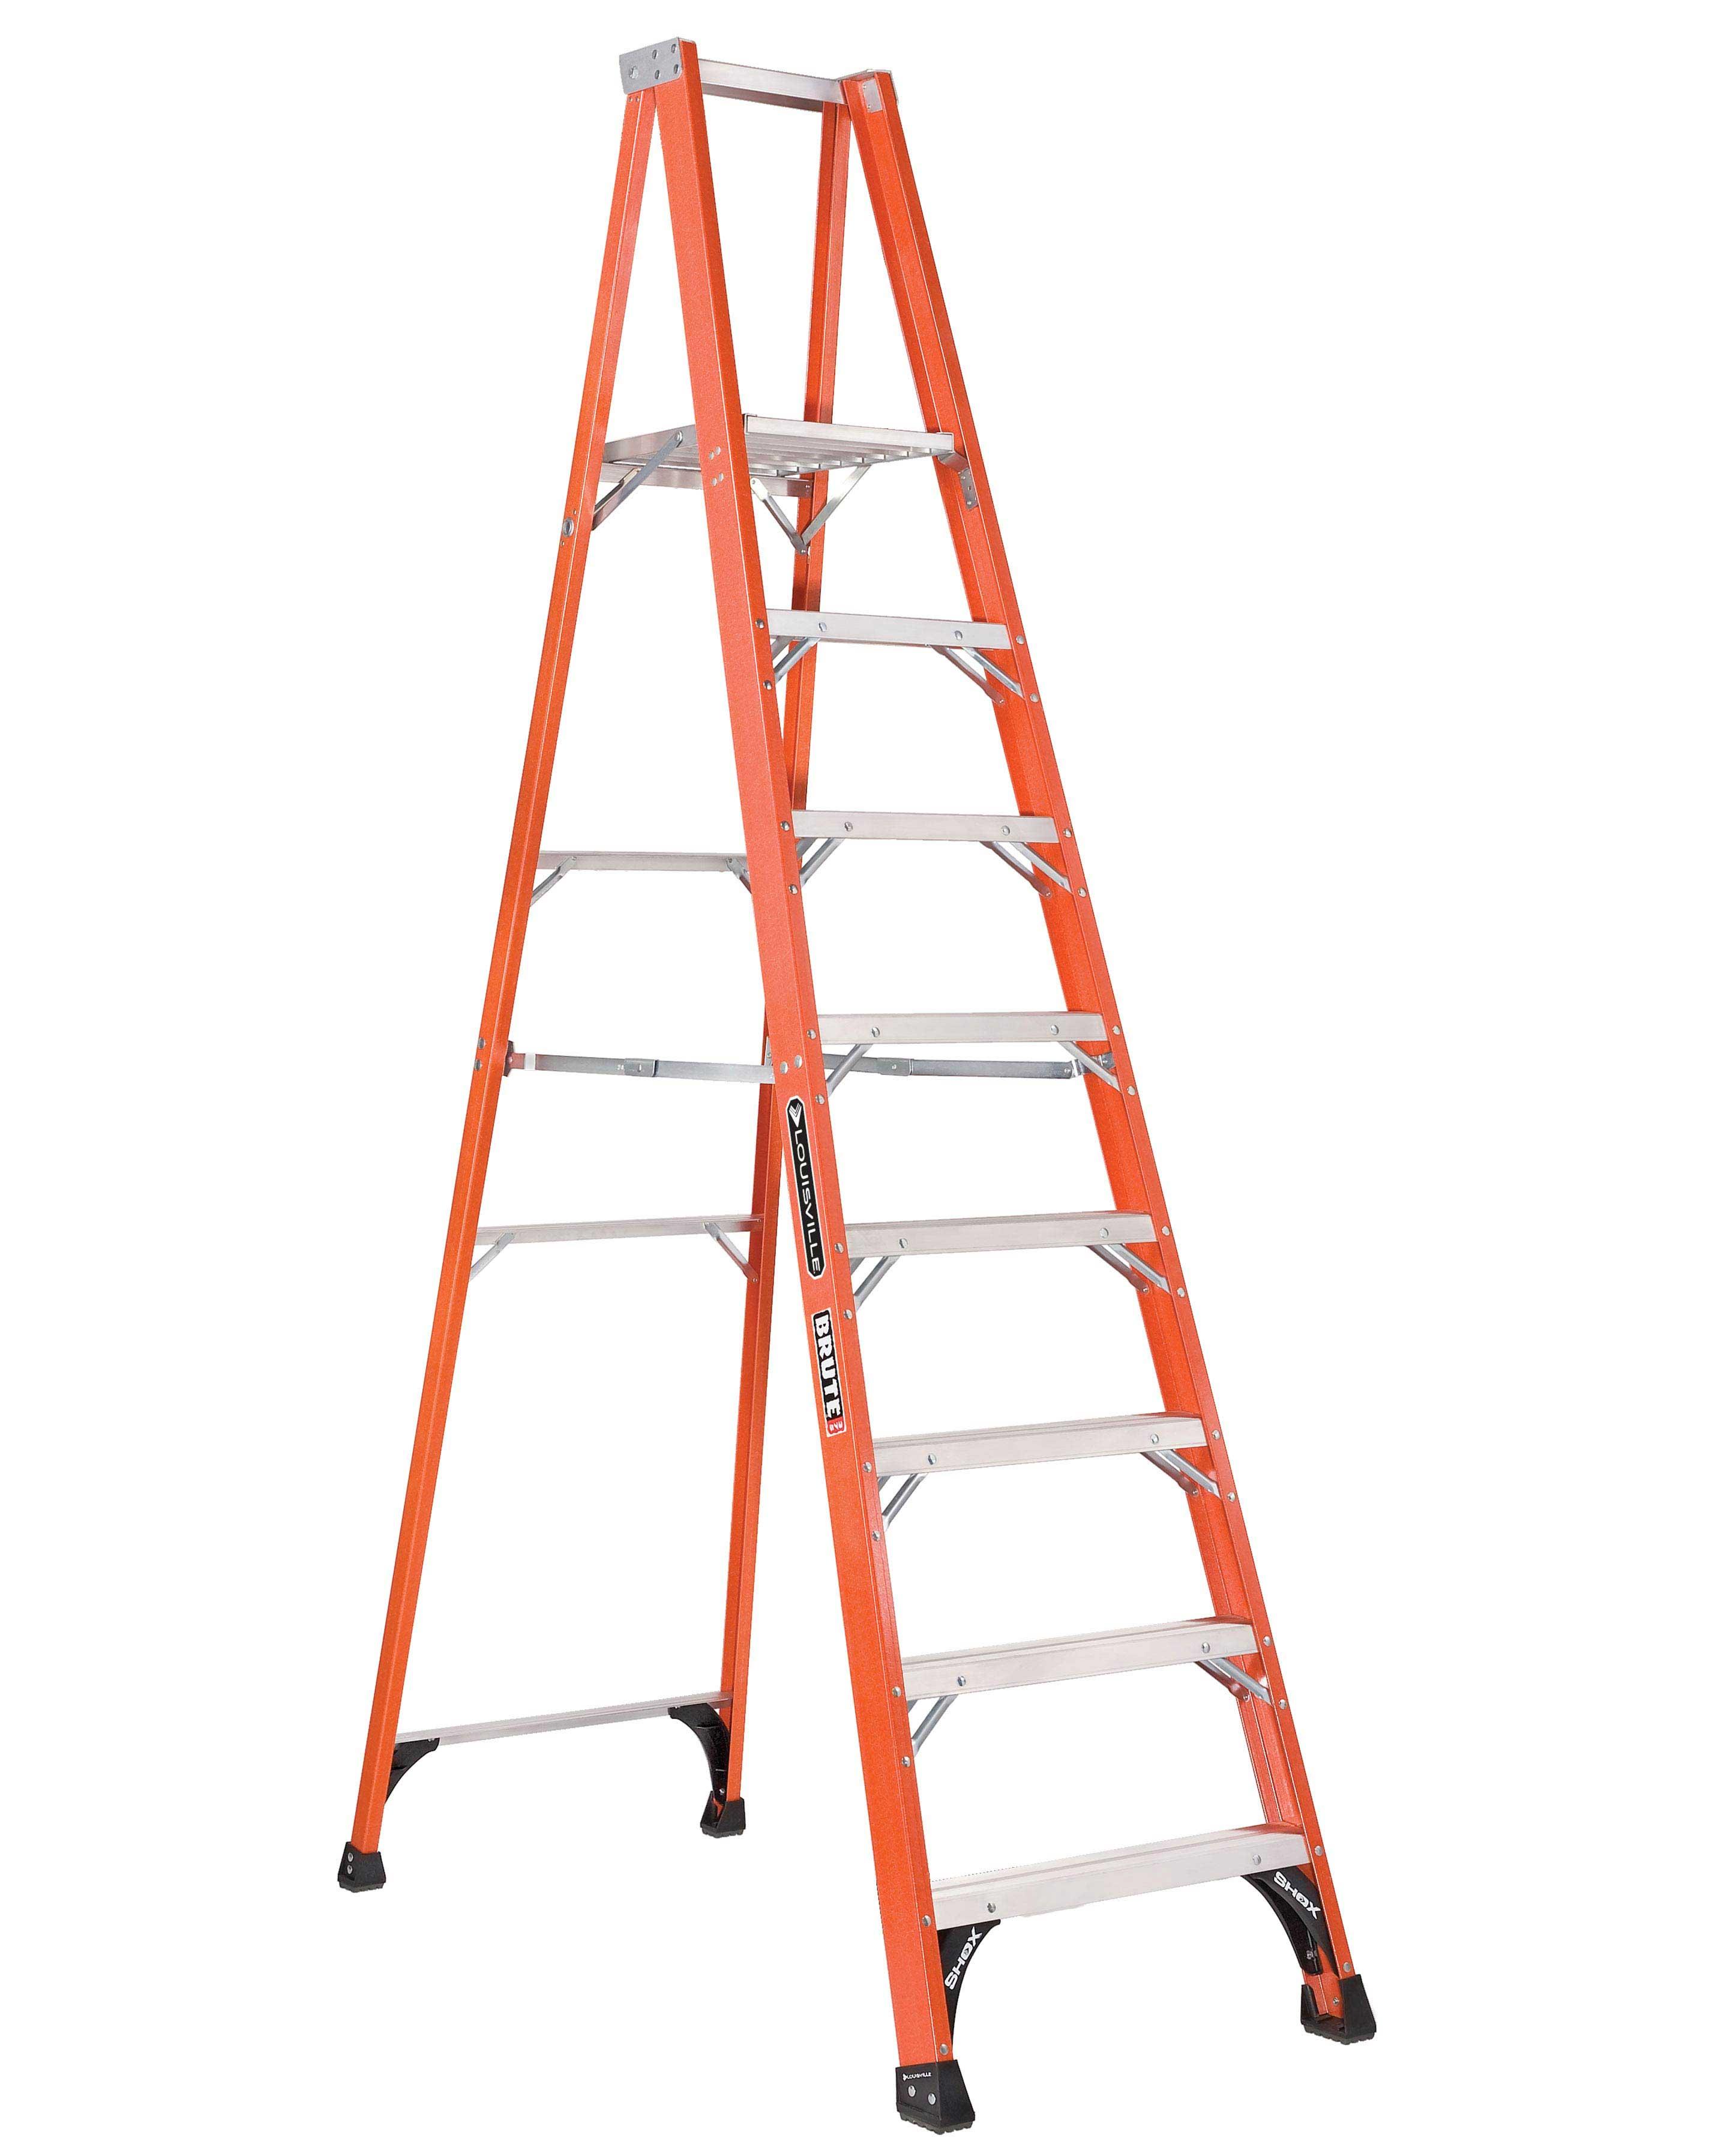 Louisville Ladder FP1408HD 8 Foot 375 lb Duty Rating Fiberglass Platform Ladder